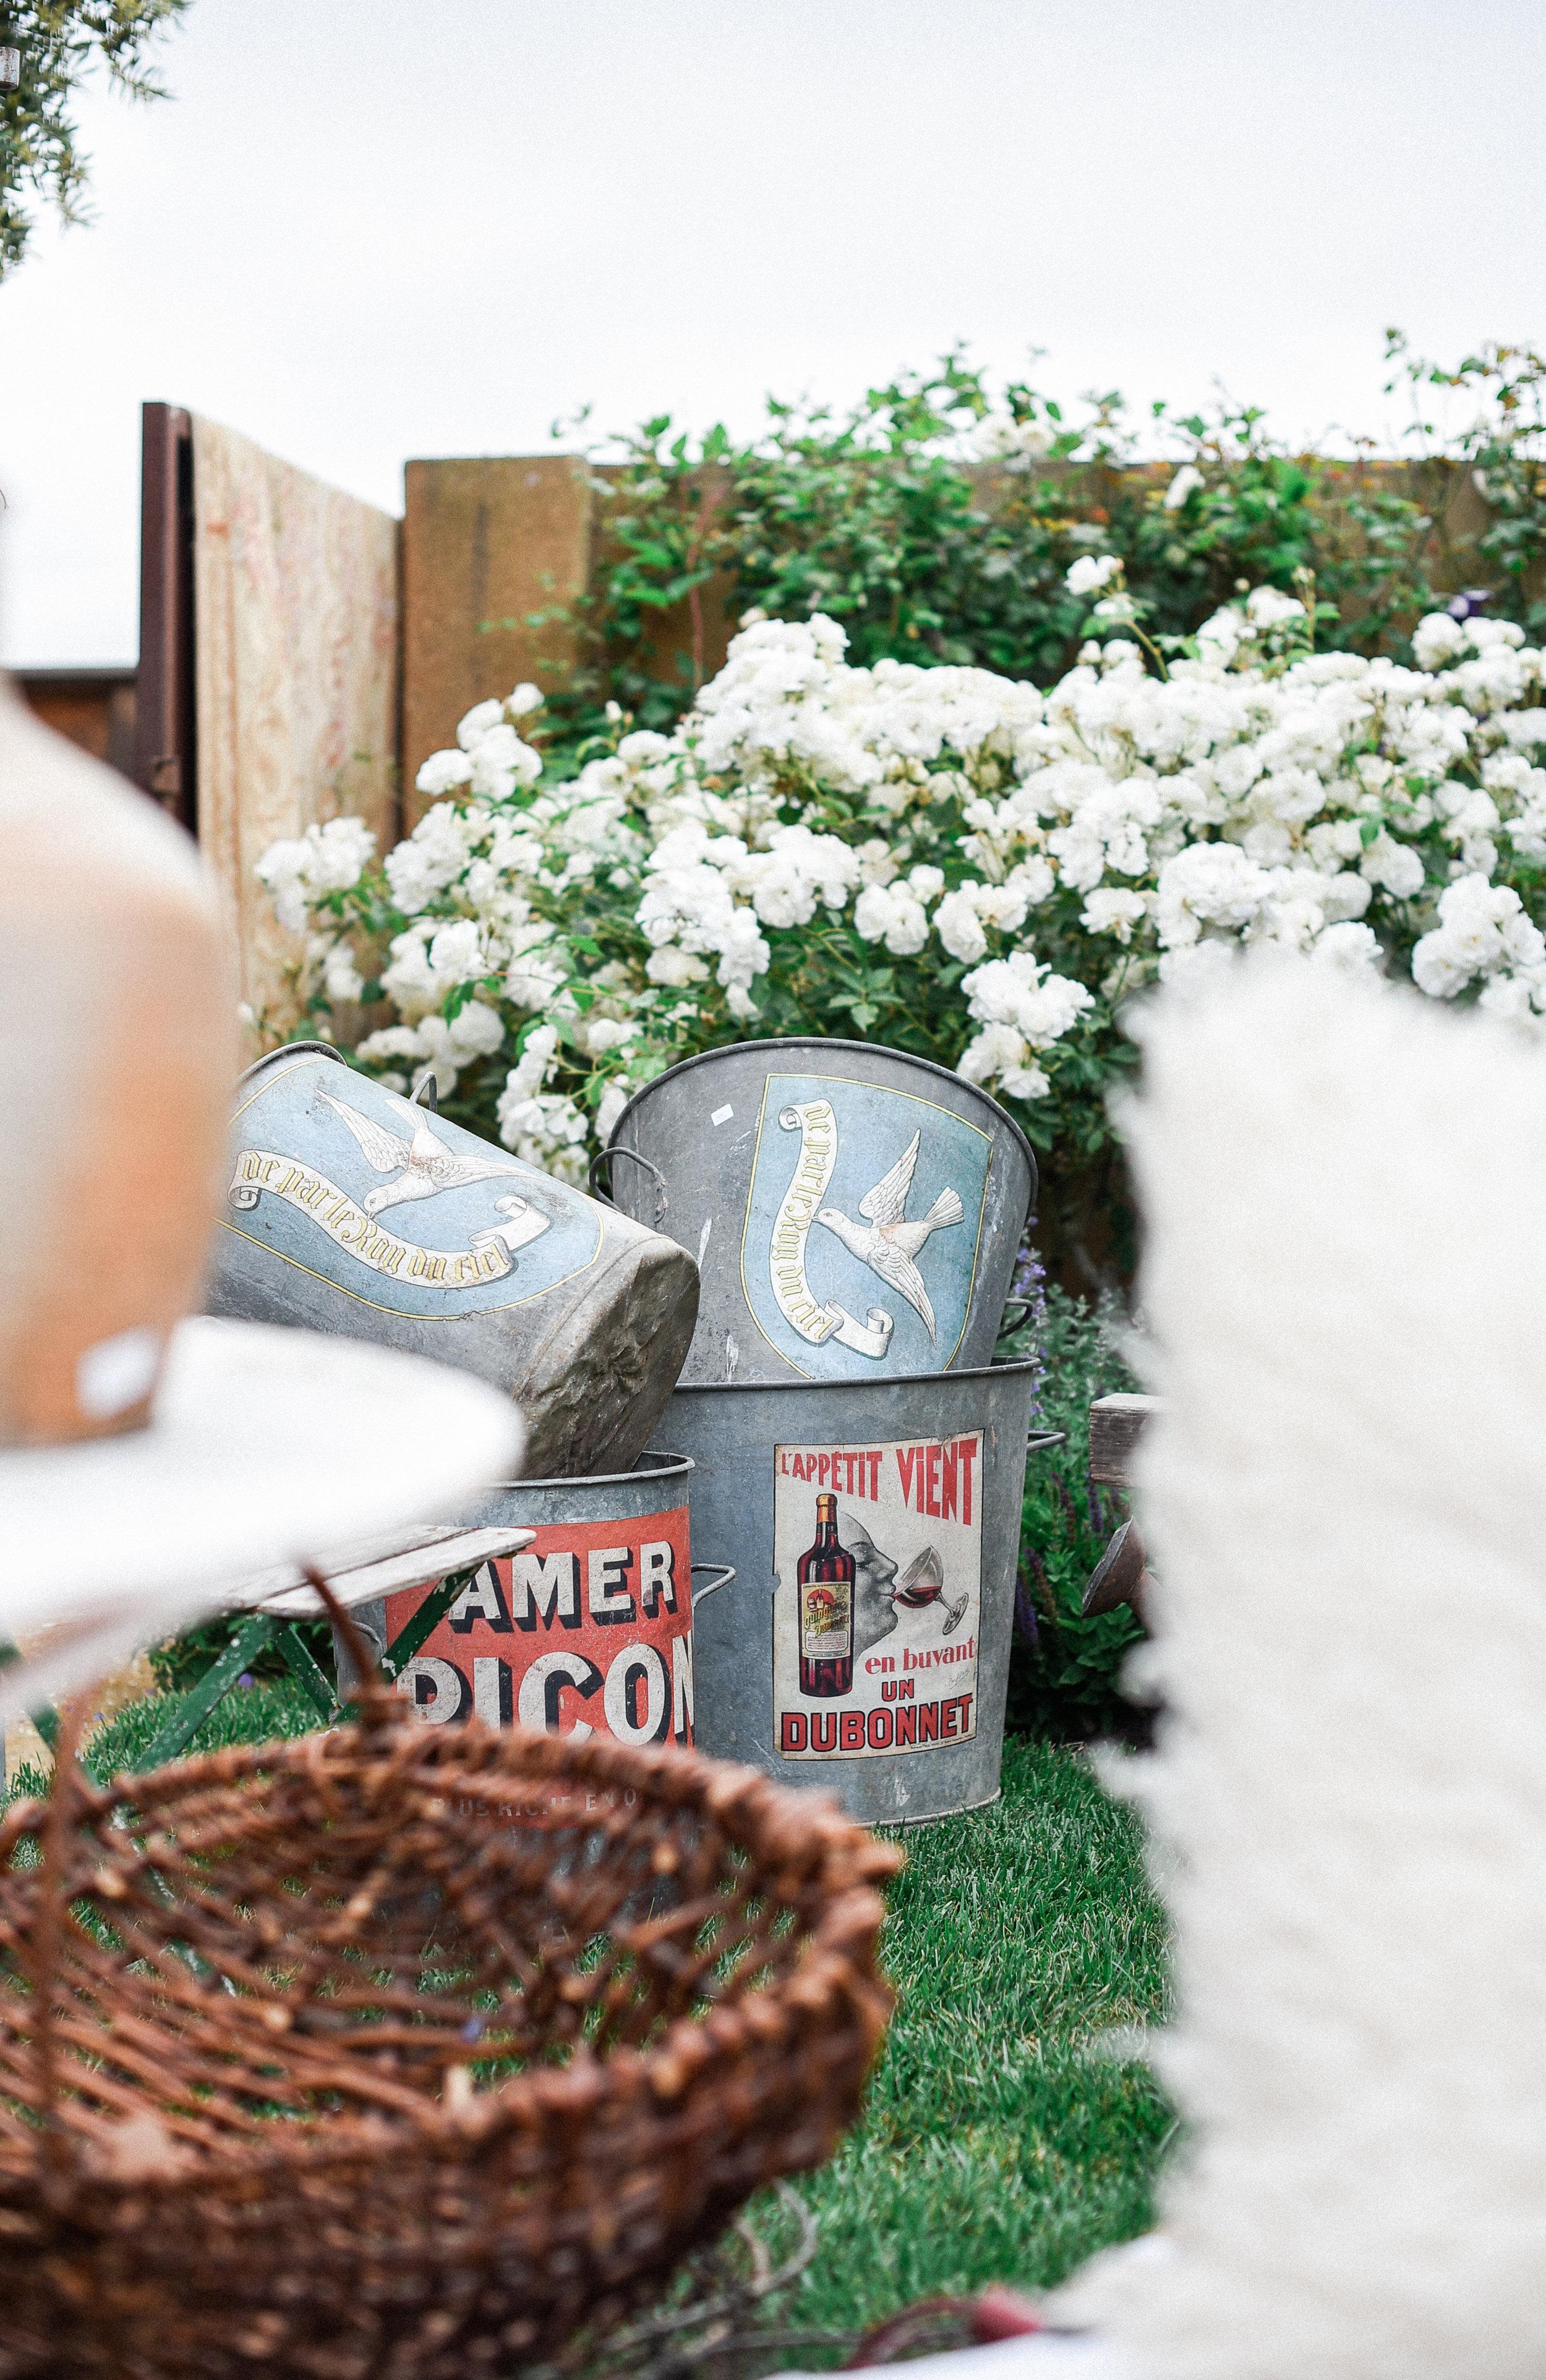 Chateau Sonoma, French Flea Market, Cornerstone Sonoma, Sonoma California Northern California, Flea Market, Spring Event, Sonoma Event, Spring Market, French Antiques, Antique Shopping, Antique Market, Cornerstone Event, Sarah Anderson